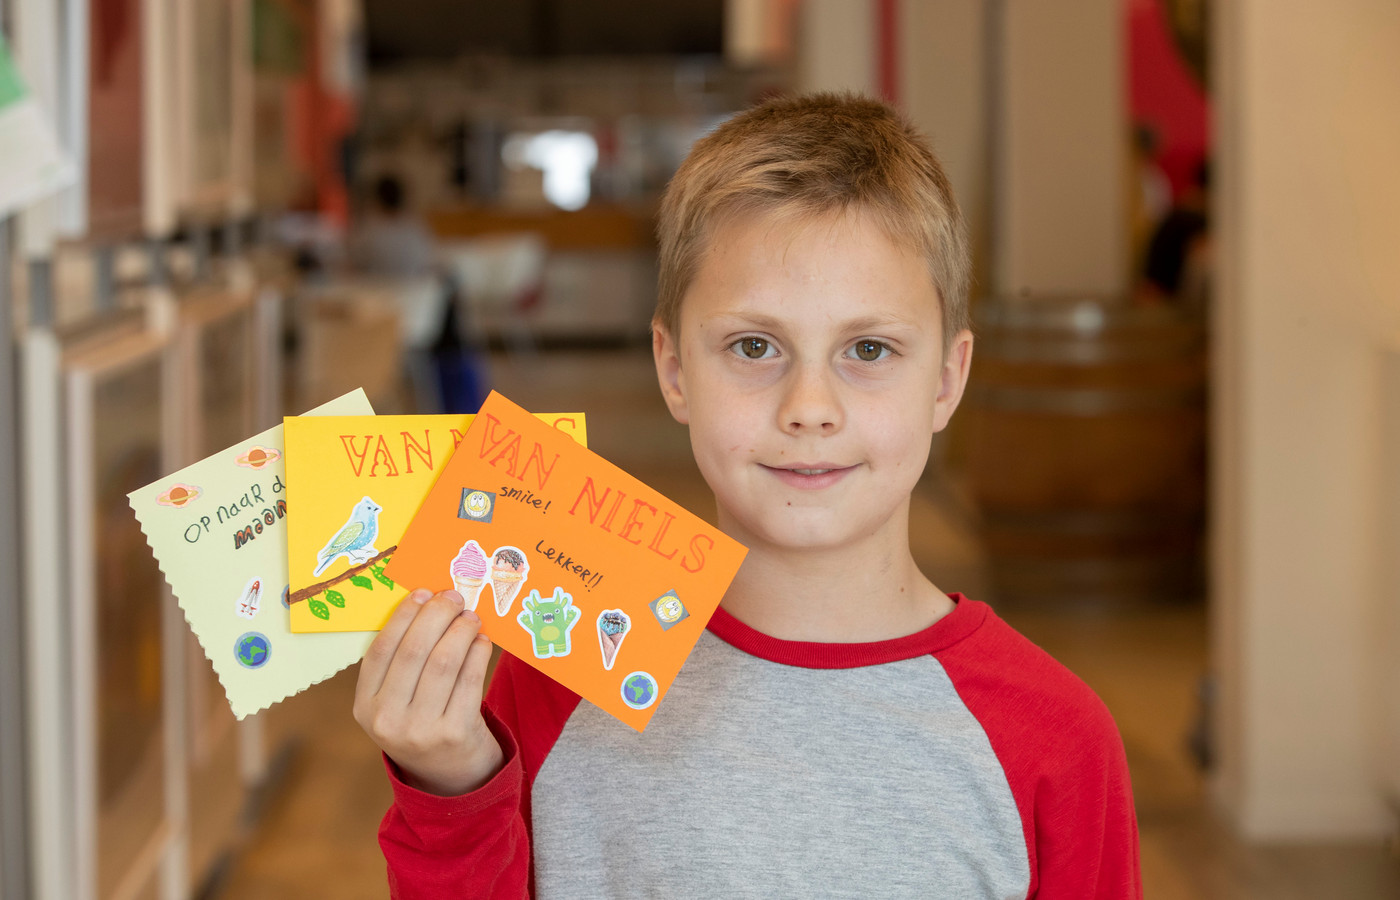 Niels van Popering heeft zelfs drie ansichtkaarten gemaakt.